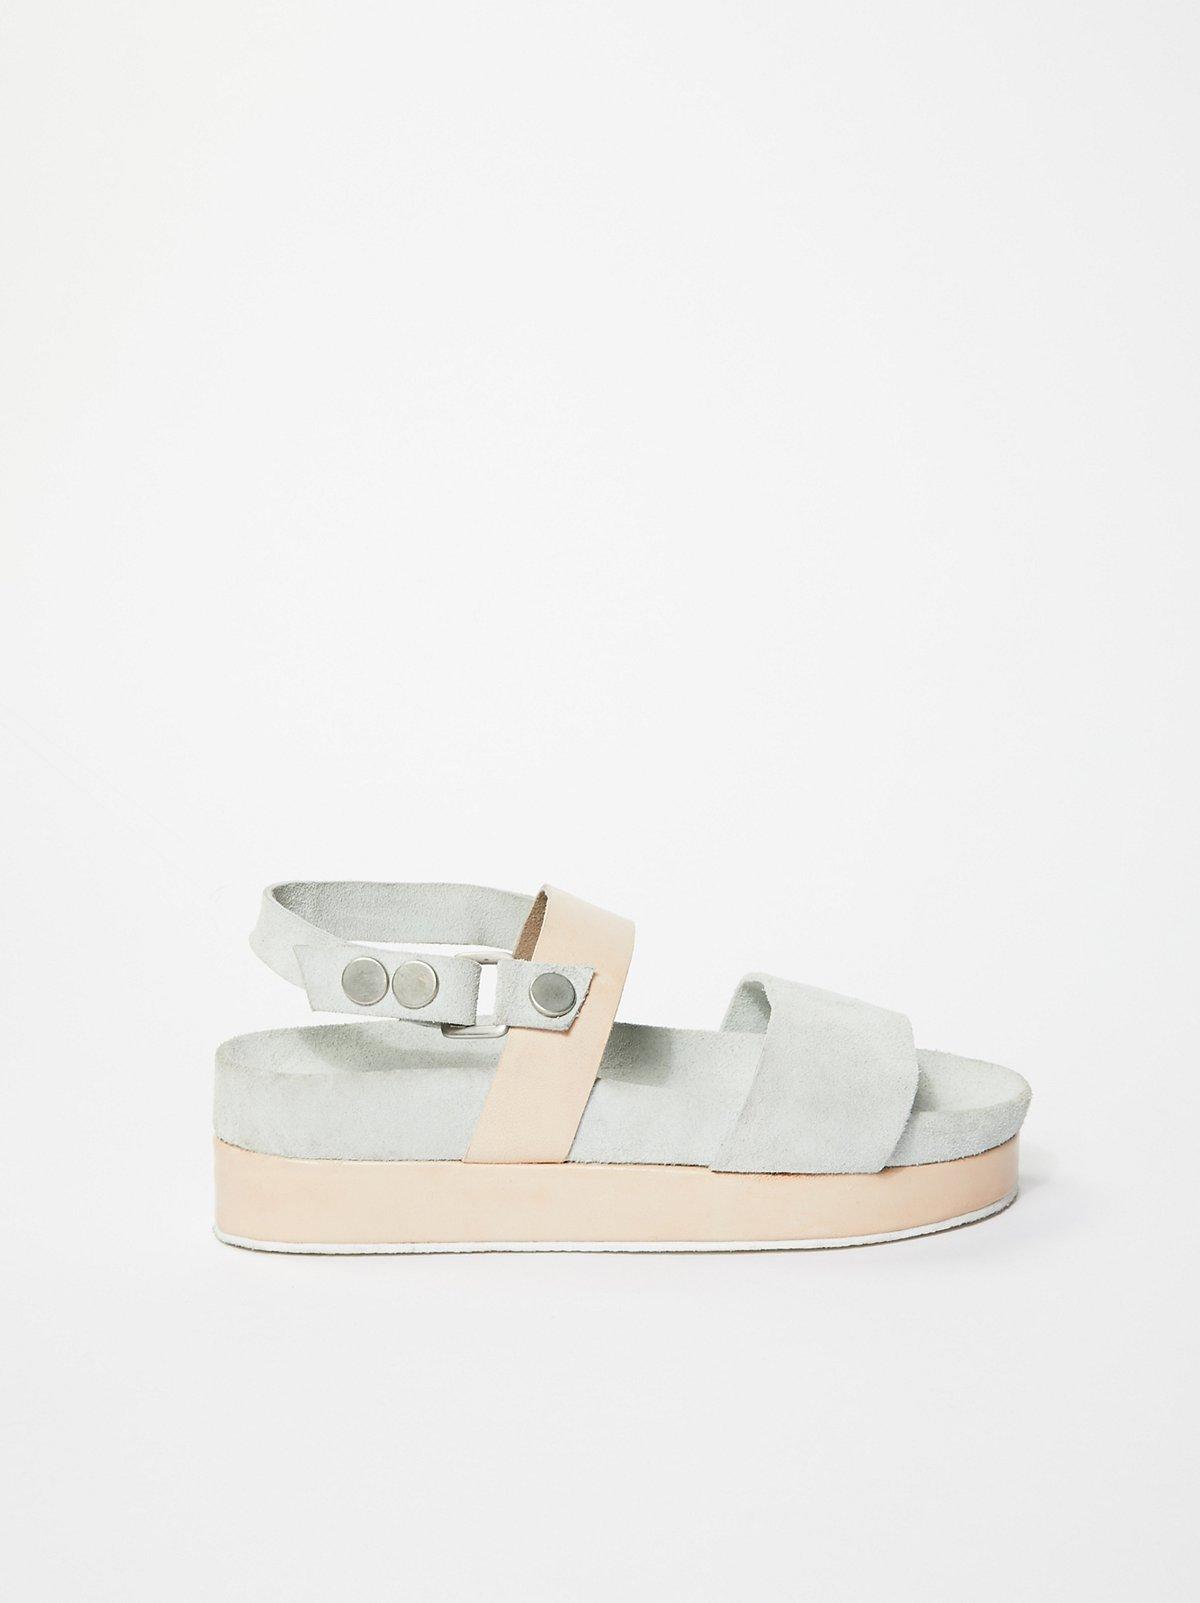 Little Rock Flatform Sandal